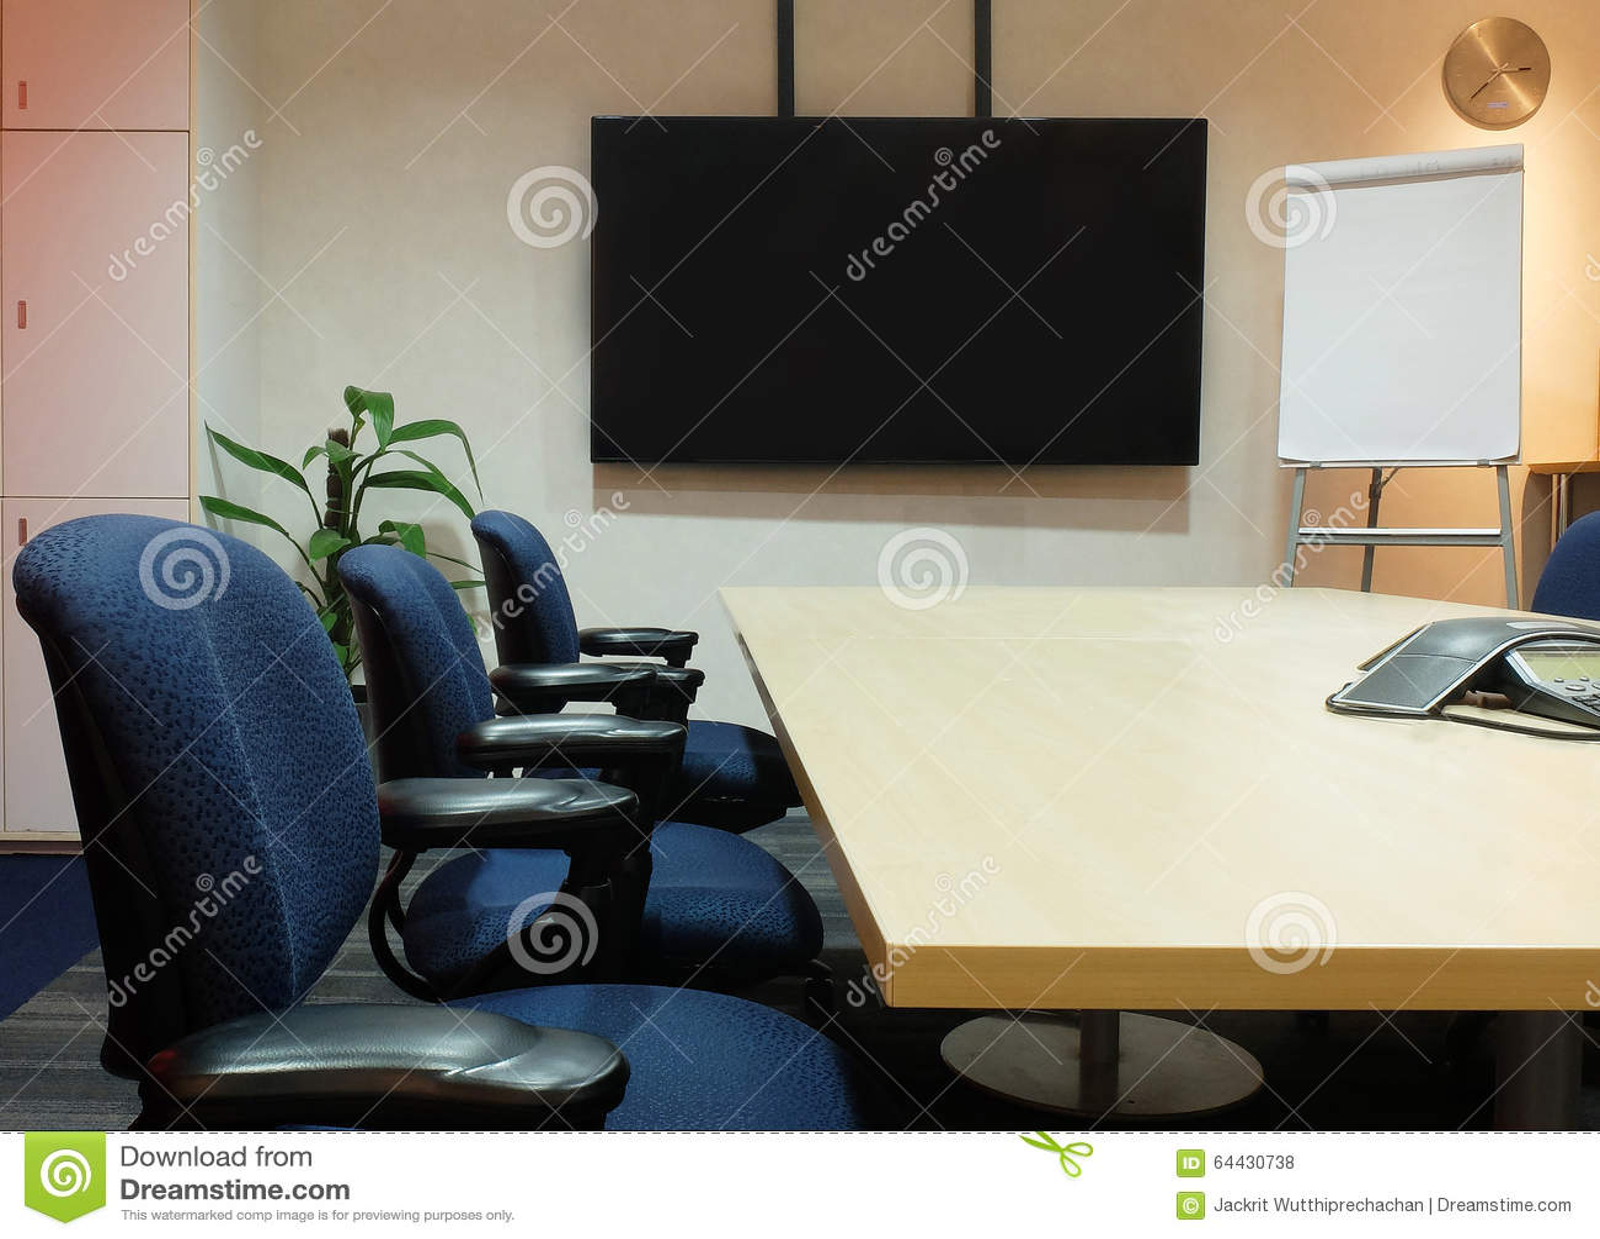 Tables de réunion bois intemporel et racé unia mobilier bureau